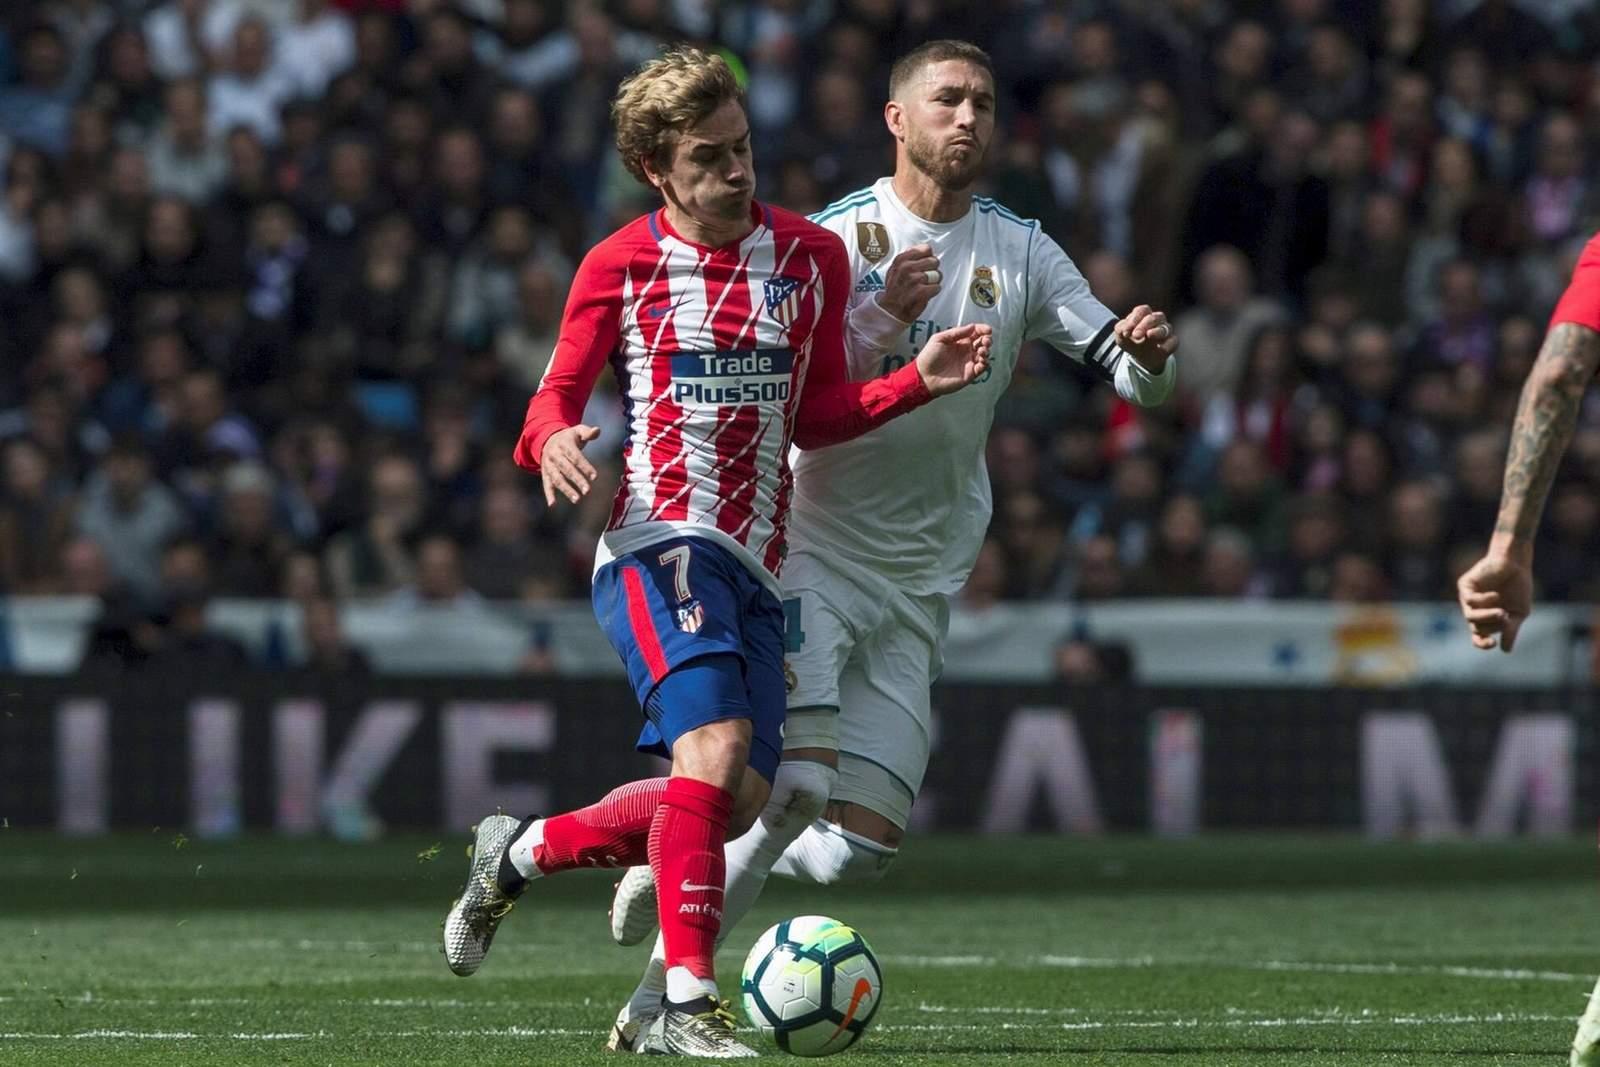 Kann Antoine Griezmann diesmal wieder gegen Sergio Ramos treffen? Jetzt wetten!